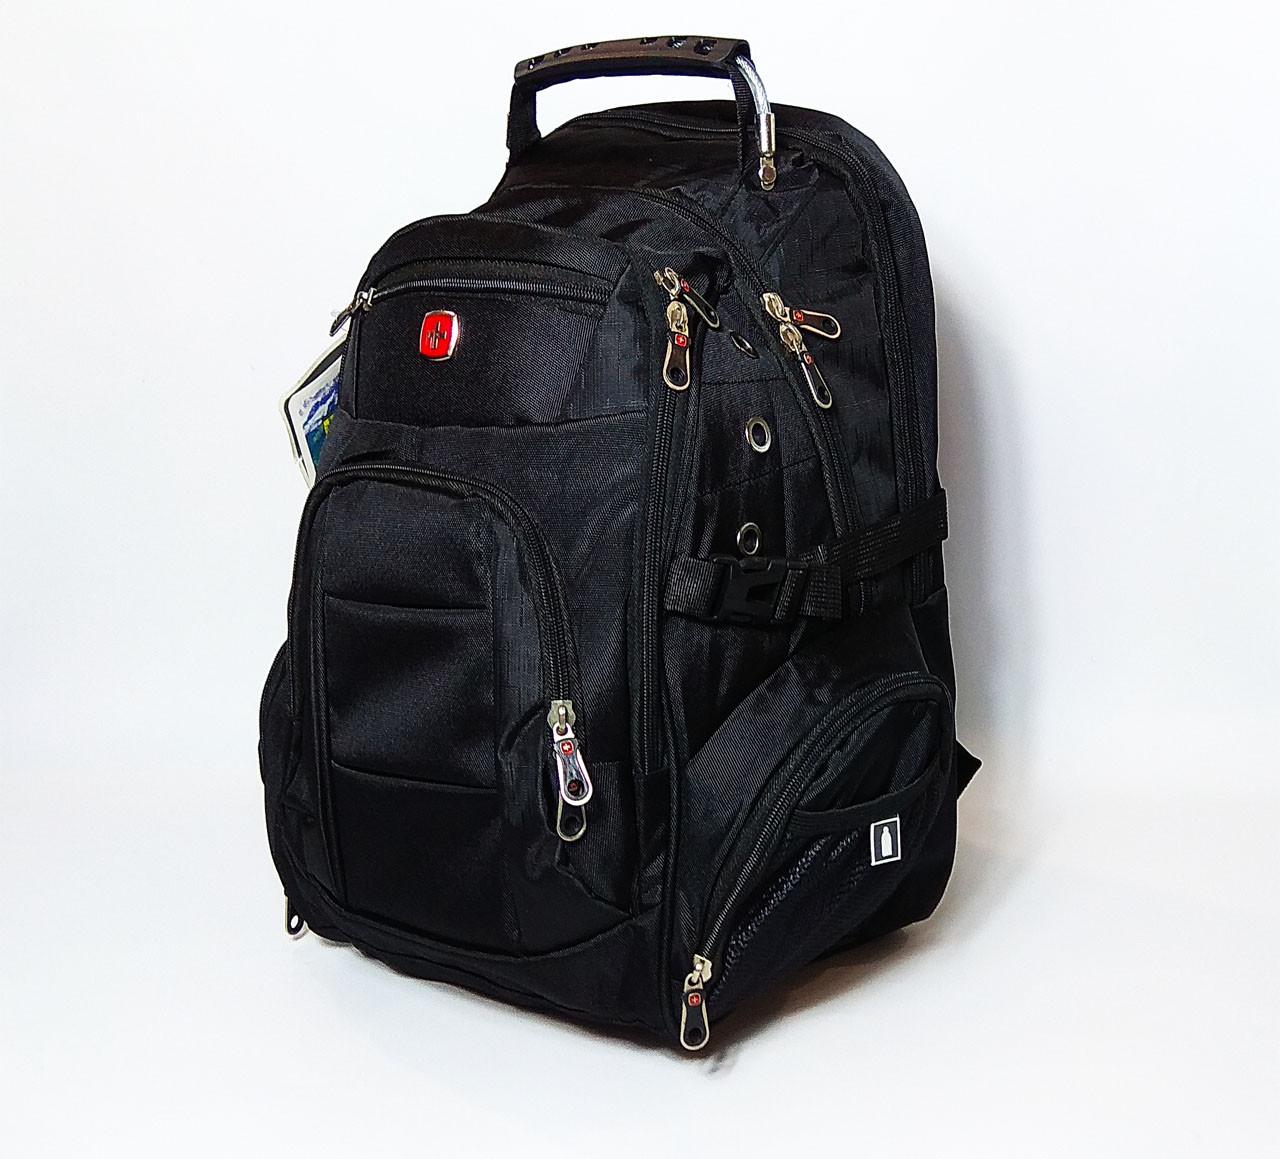 Туристический рюкзак с ортопедической спинкой на 35 литров 7697 black